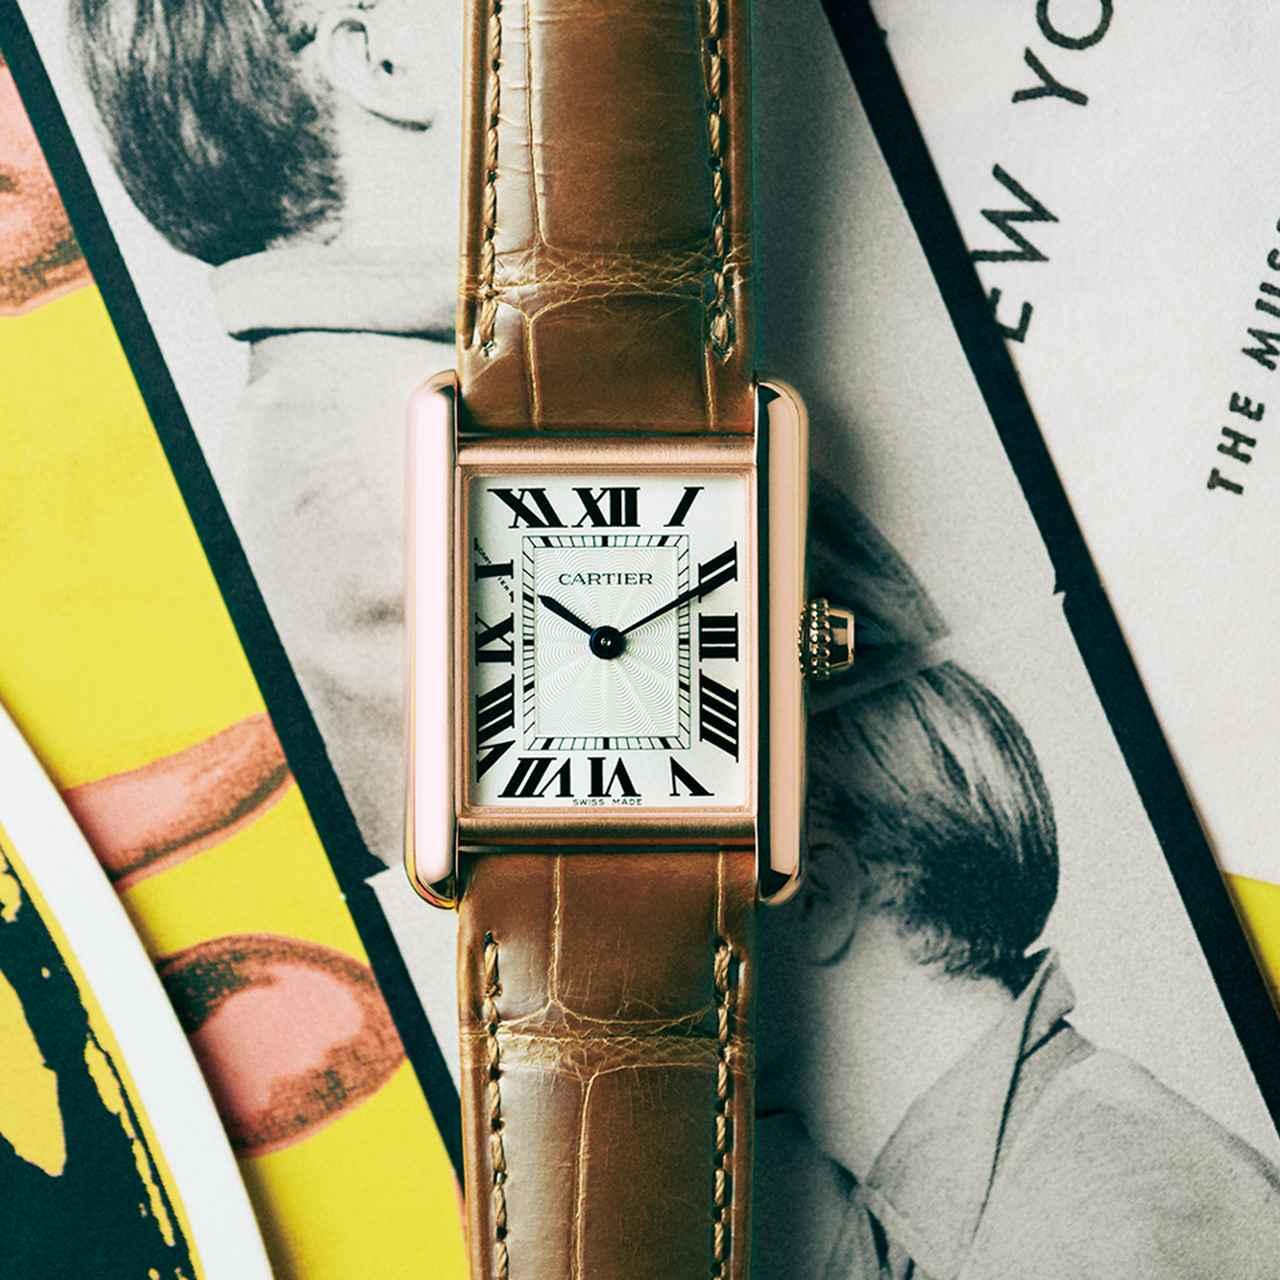 Images : 4番目の画像 - 「セレブに愛された時計」のアルバム - T JAPAN:The New York Times Style Magazine 公式サイト